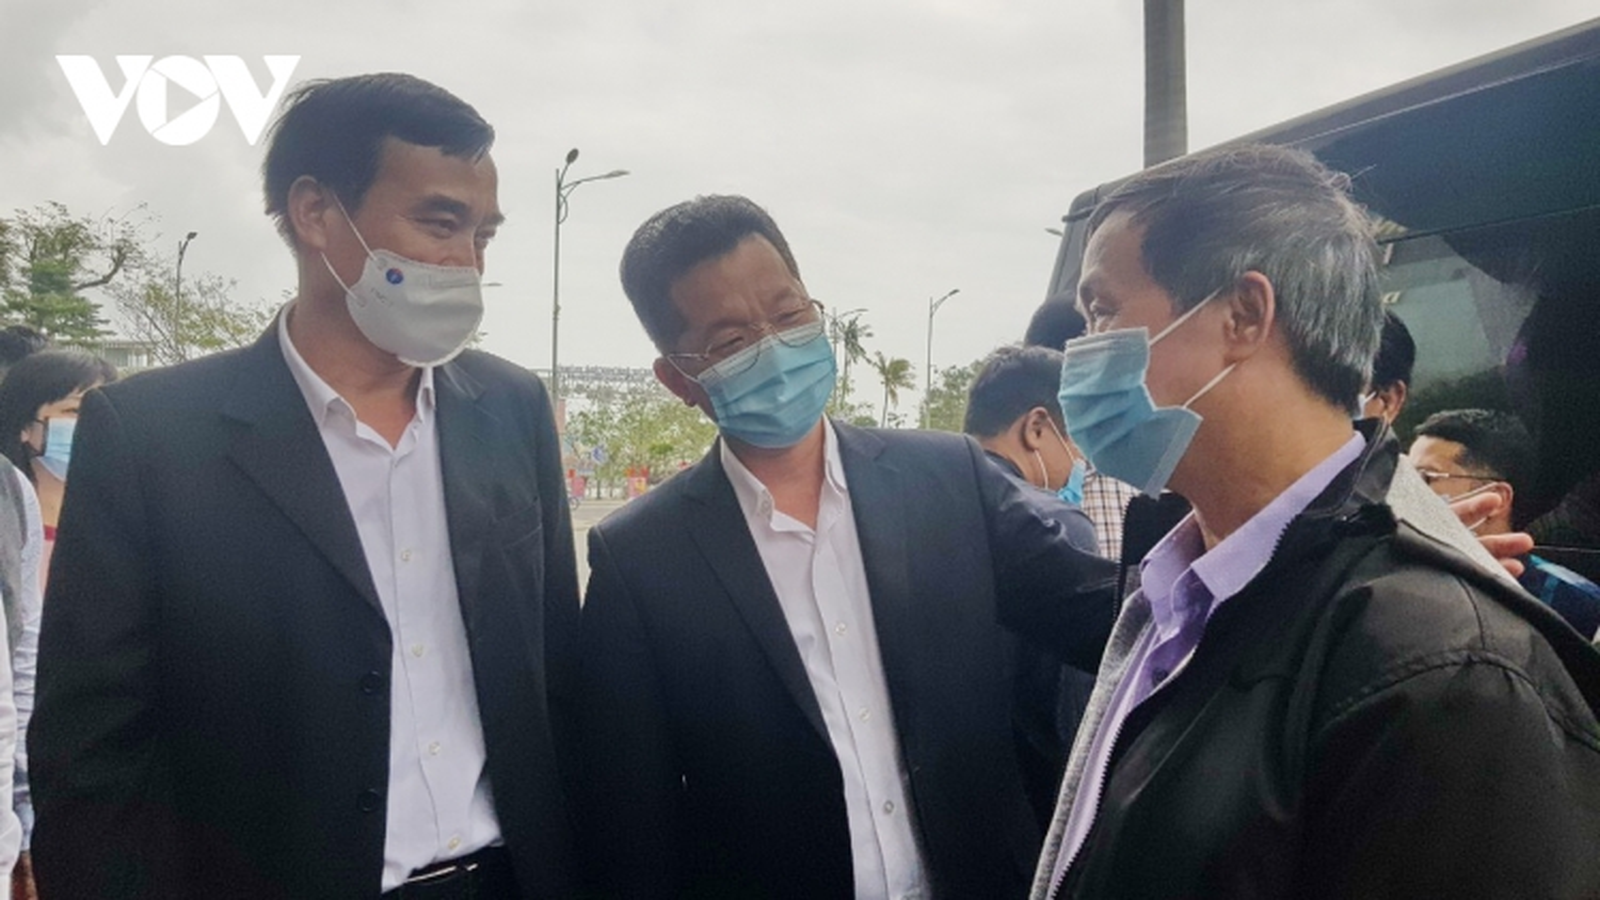 Đà Nẵng đưa bác sĩ lên tỉnh Gia Lai hỗ trợ phòng chống dịch Covid-19